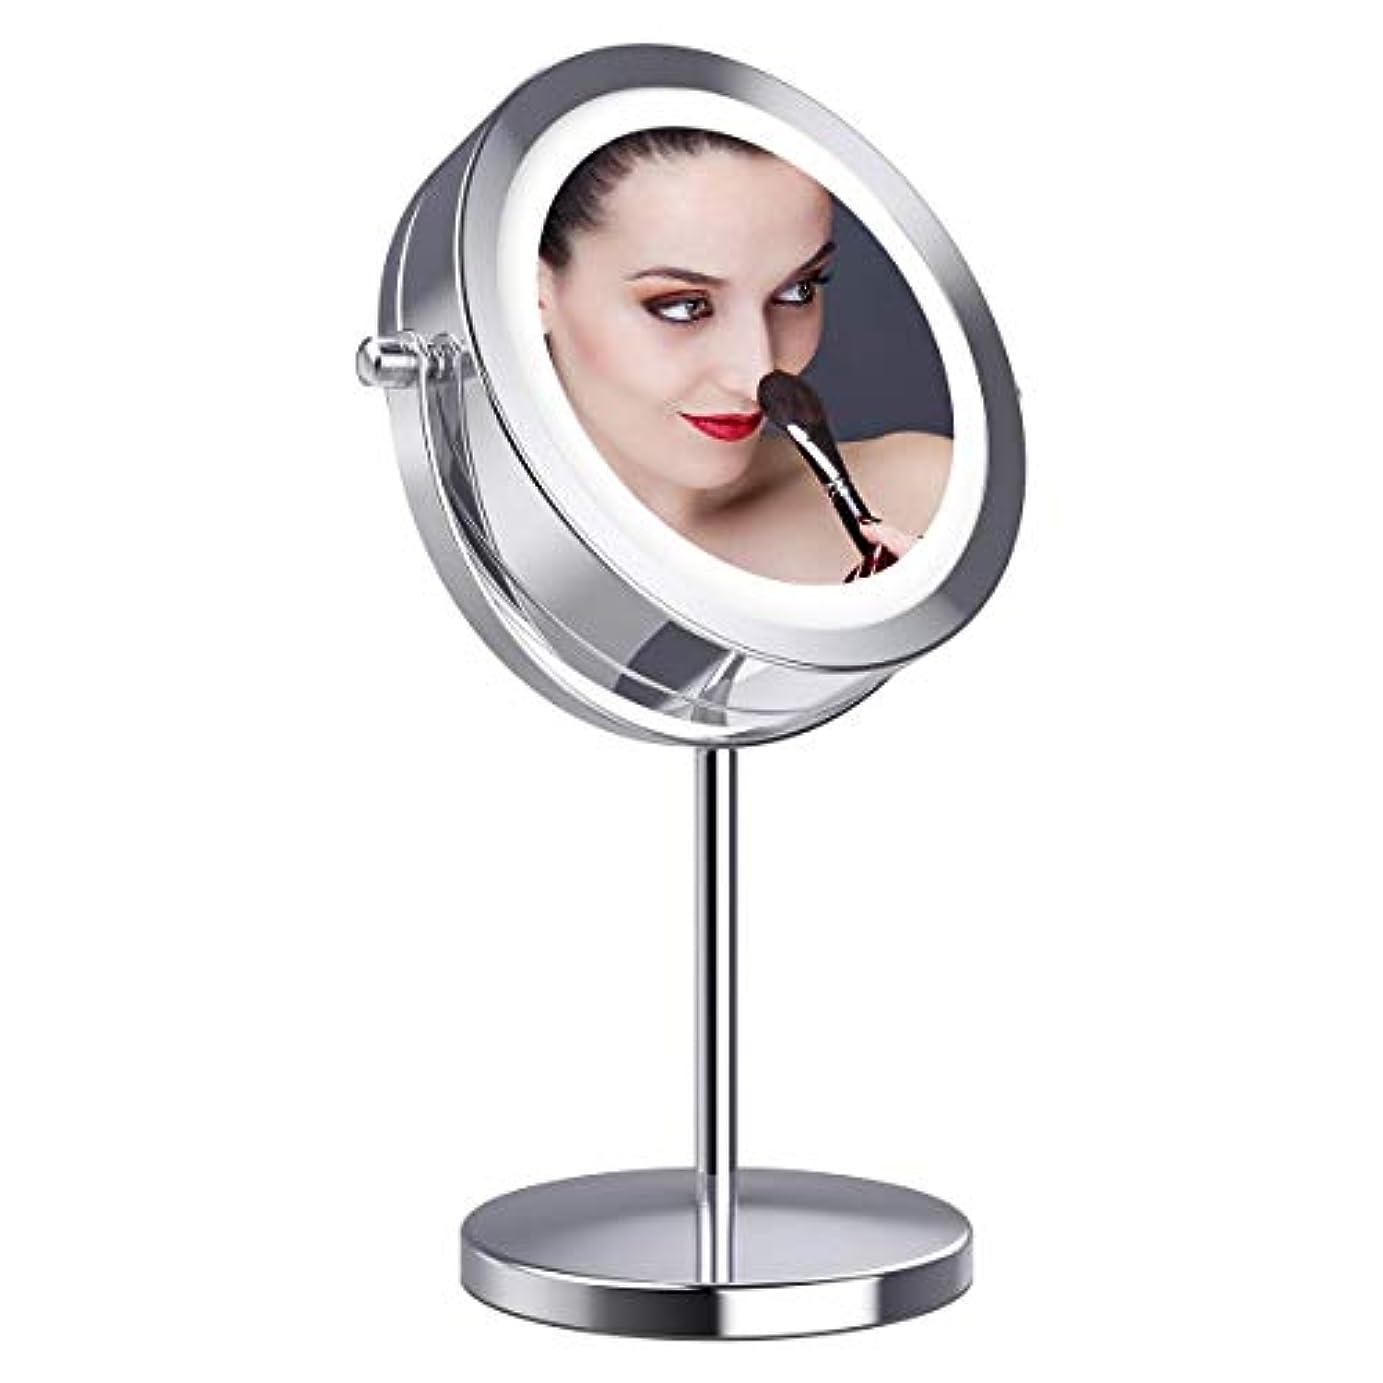 チャーミング放置爆発物拡大鏡10倍 LED拡大鏡 化粧鏡 LEDミラー 卓上ミラーled 化粧ミラー 360度回転ミラー LEDライト付きミラー 真実の北欧風卓上鏡 卓上鏡 LED化粧鏡 両面化粧鏡 スタンドミラー「Gospire」